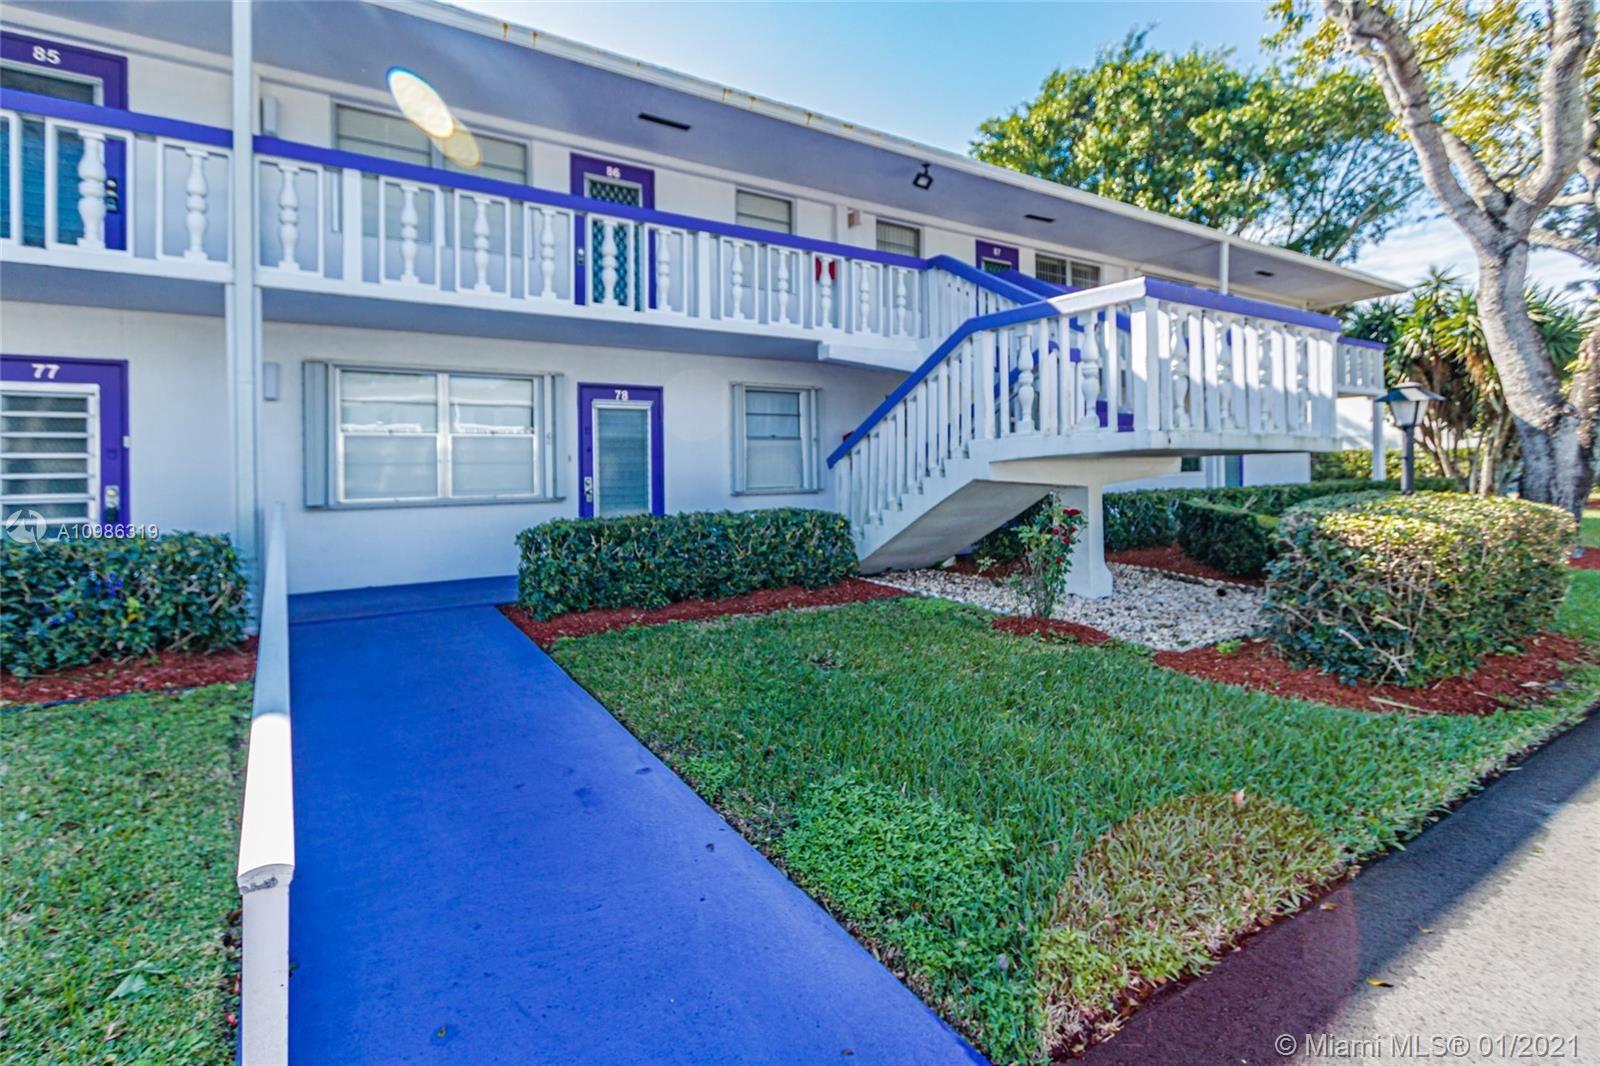 87 E Newport E #87, Deerfield Beach, FL 33442 - #: A10986319